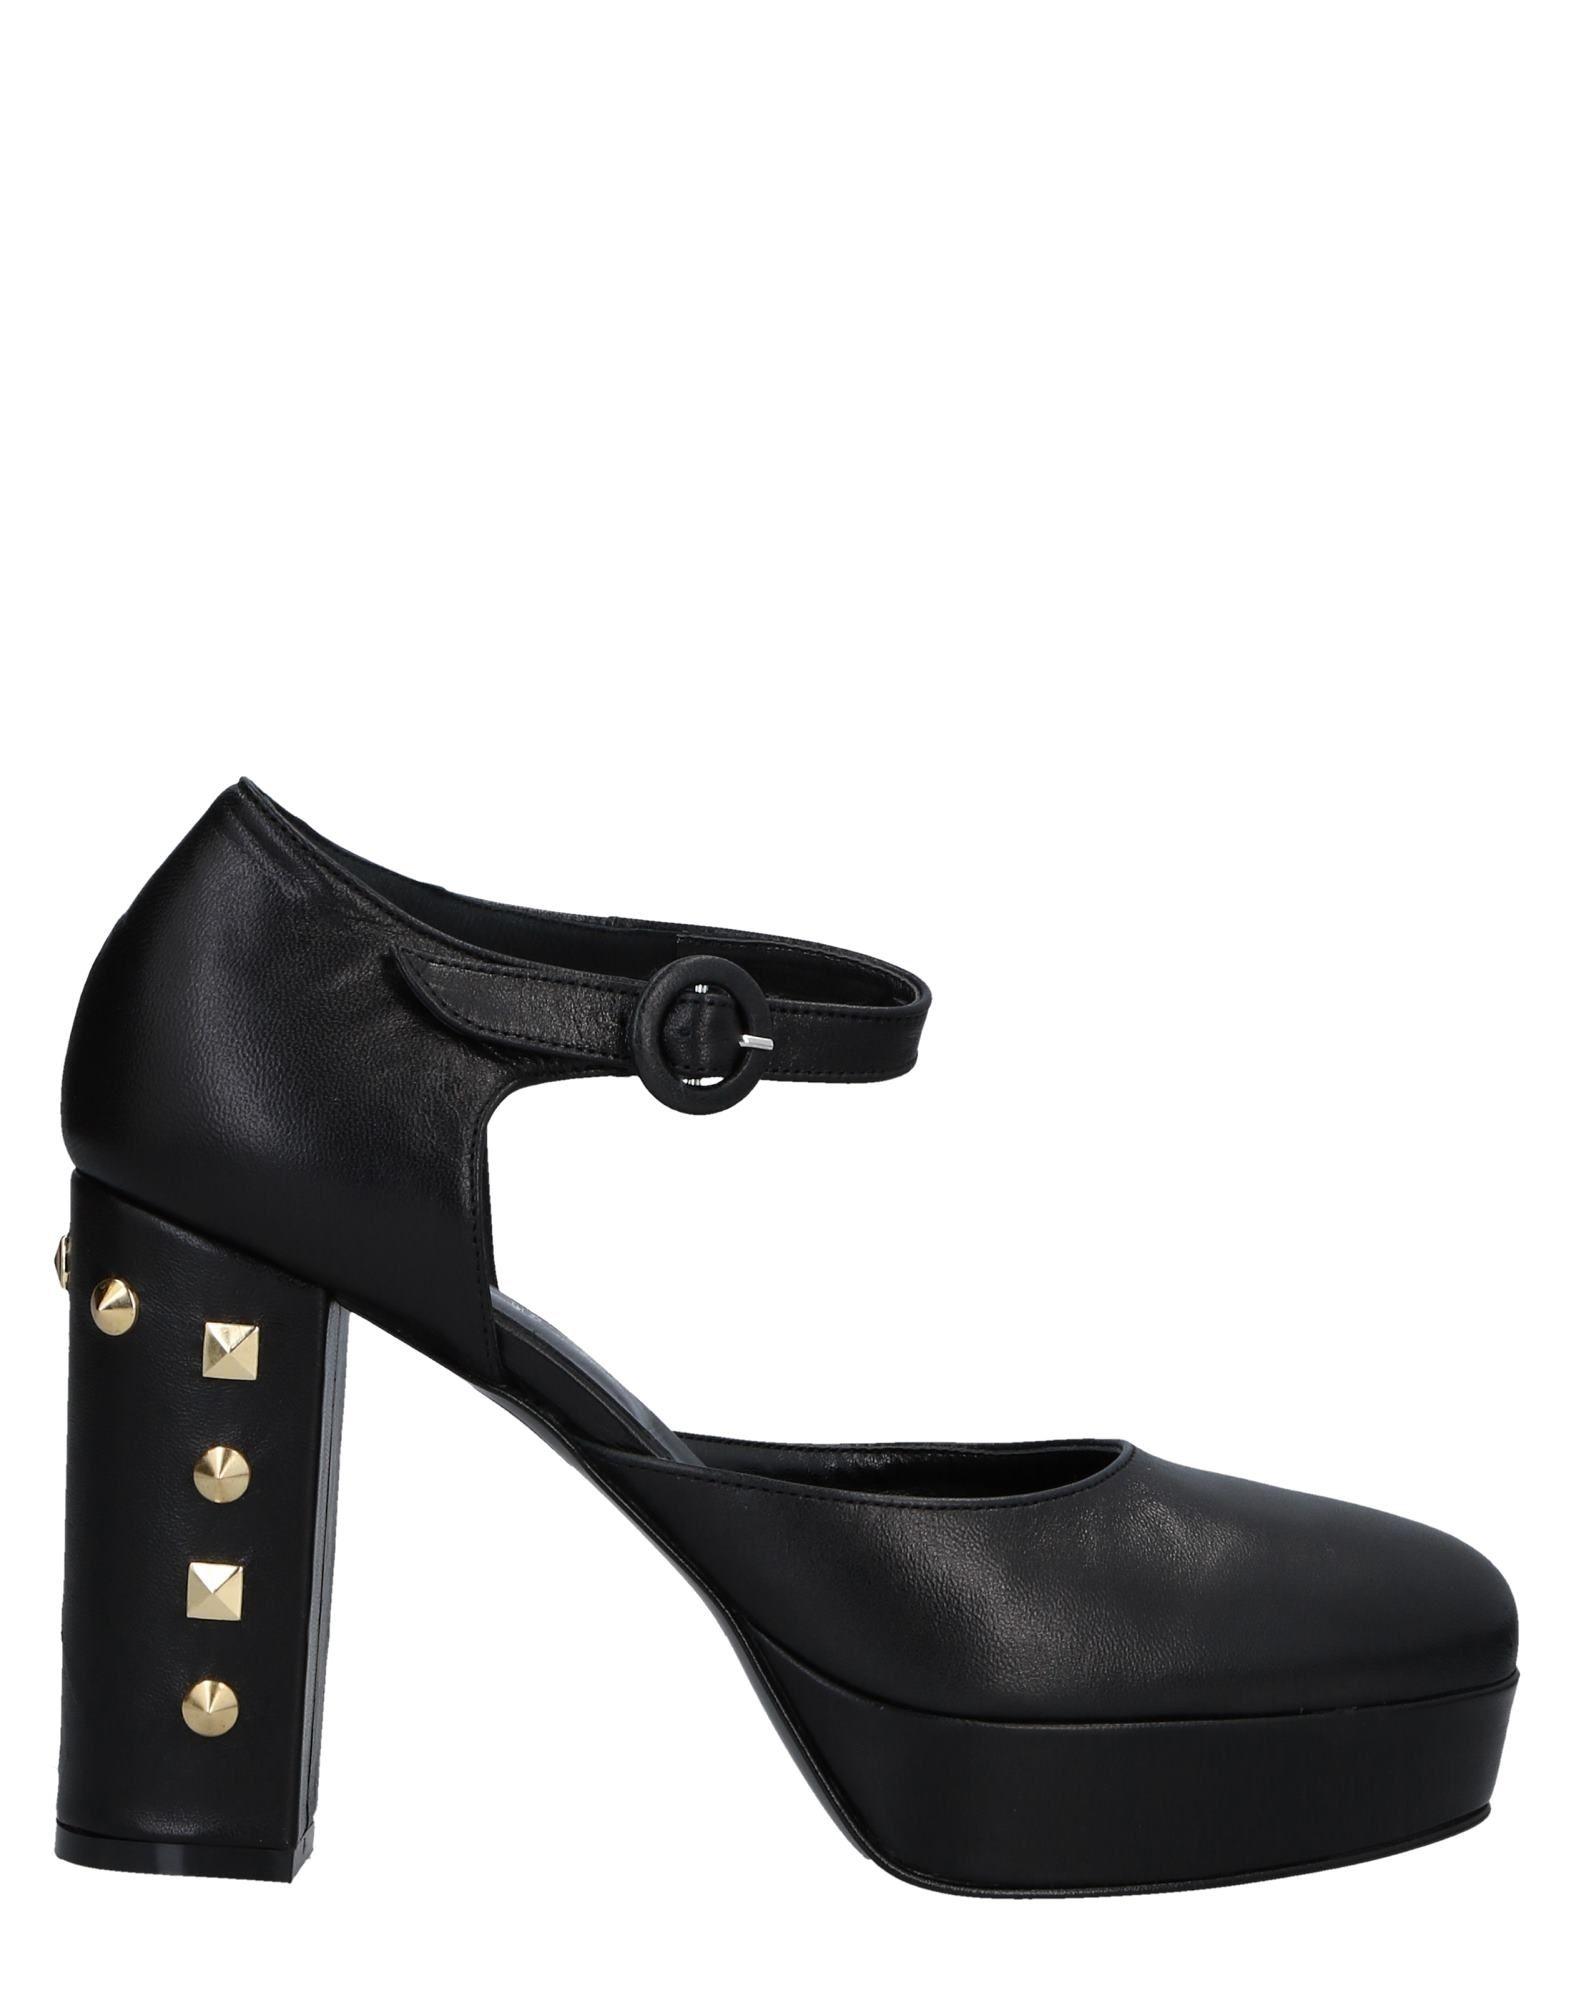 Bagatt Pumps Damen  11513231OM 11513231OM 11513231OM Gute Qualität beliebte Schuhe 8f51b2